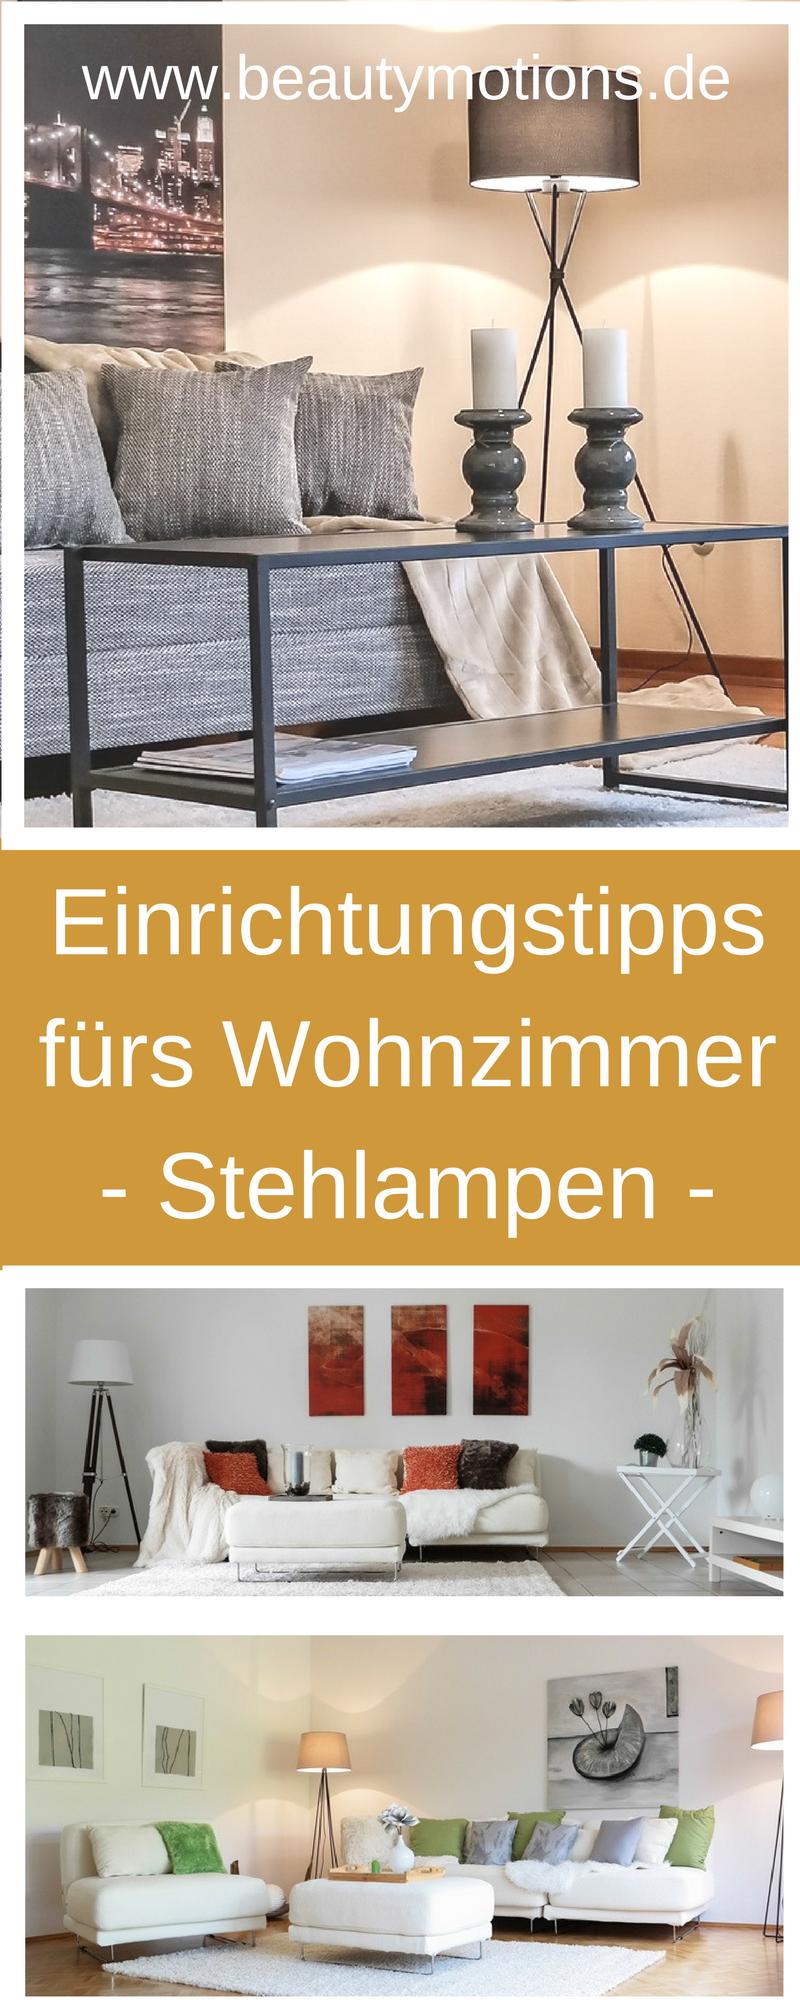 Beeindruckend Einrichtungstipps Wohnzimmer Foto Von Mit Stehlampen Fürs – Deko Tipps Für